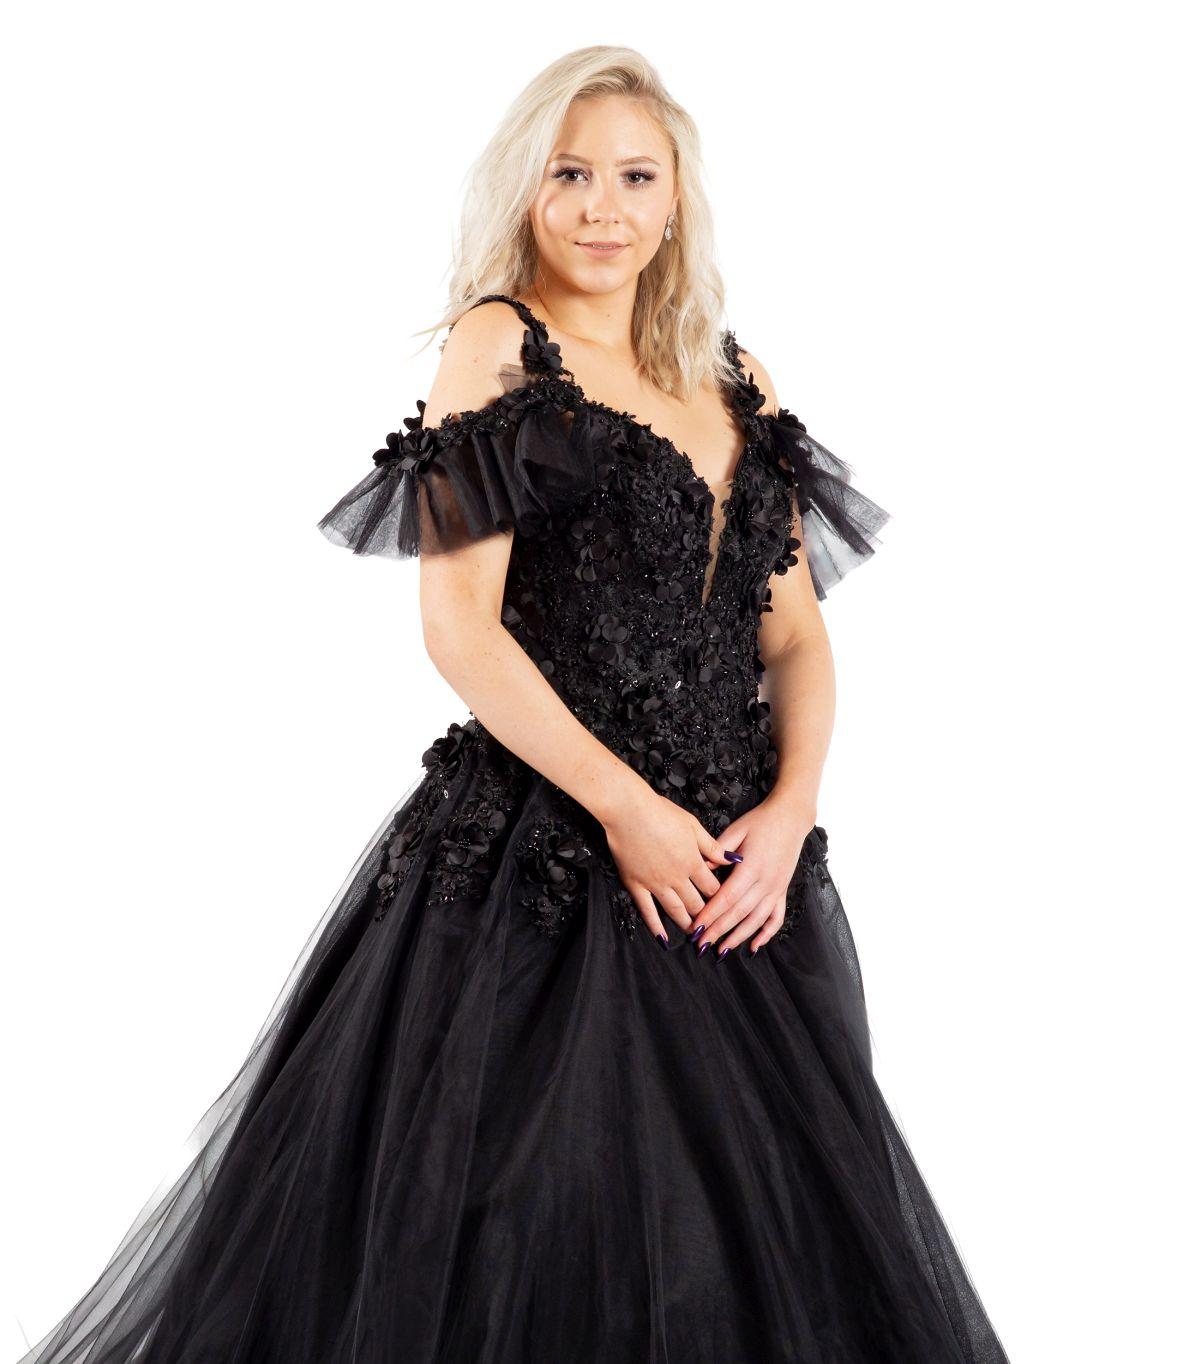 Susana schwarzes Brautkleid detailansicht